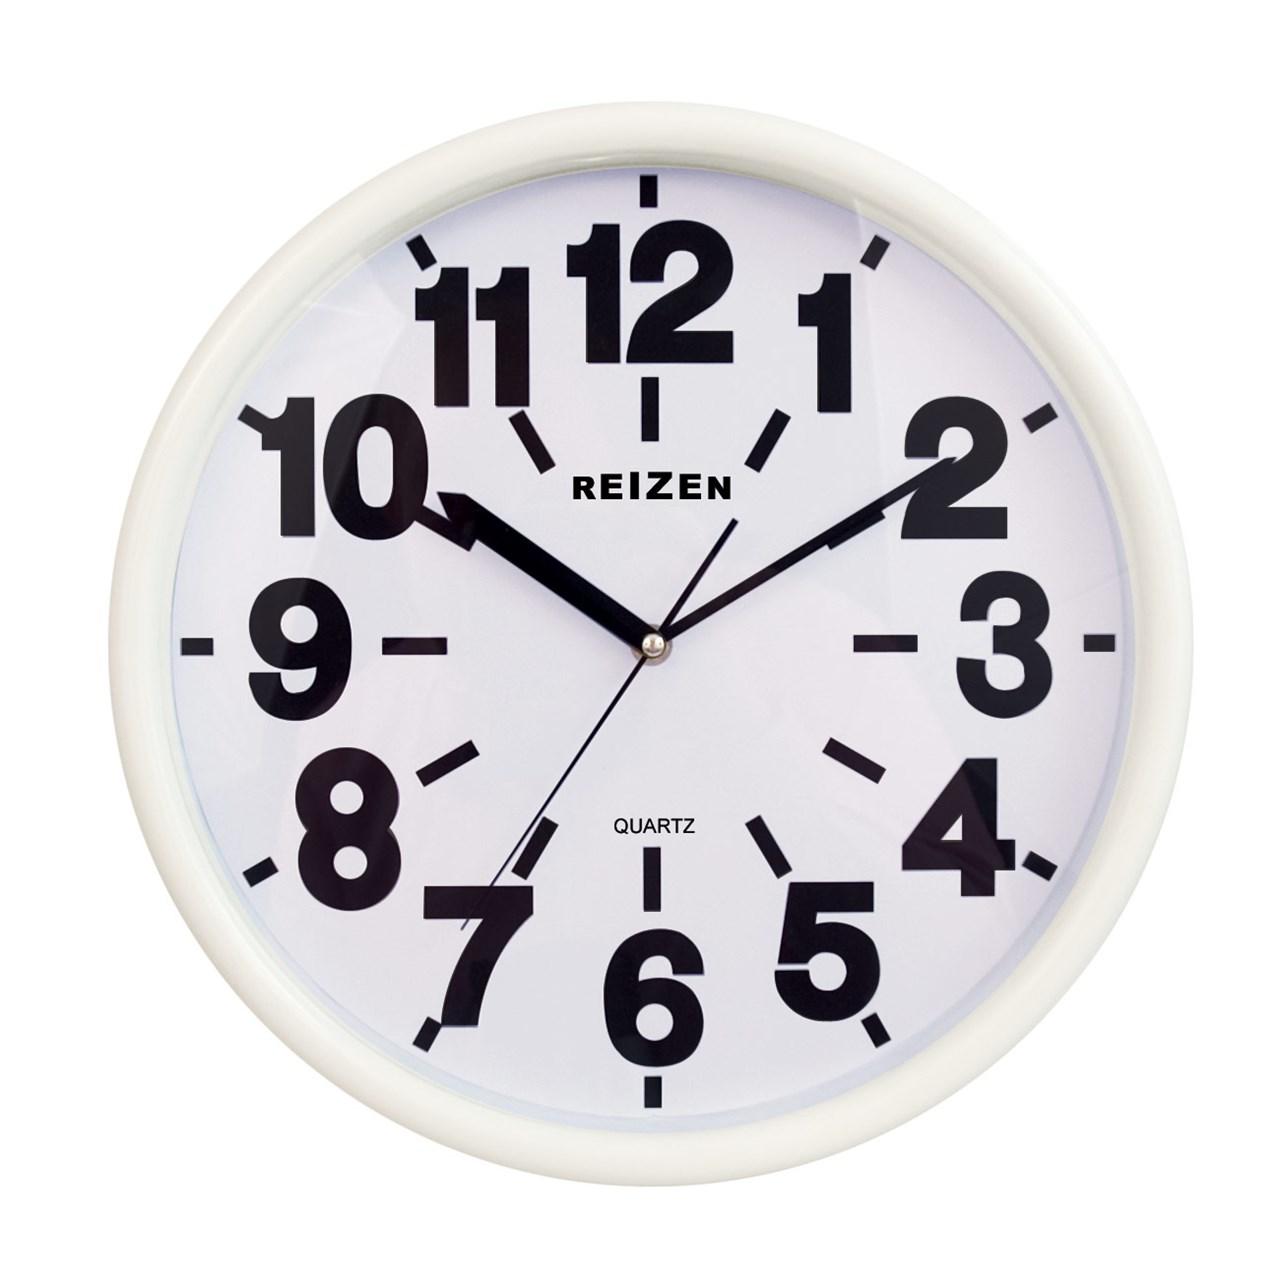 Reizen Low Vision Quartz Wall Clock - White Face, Black No.